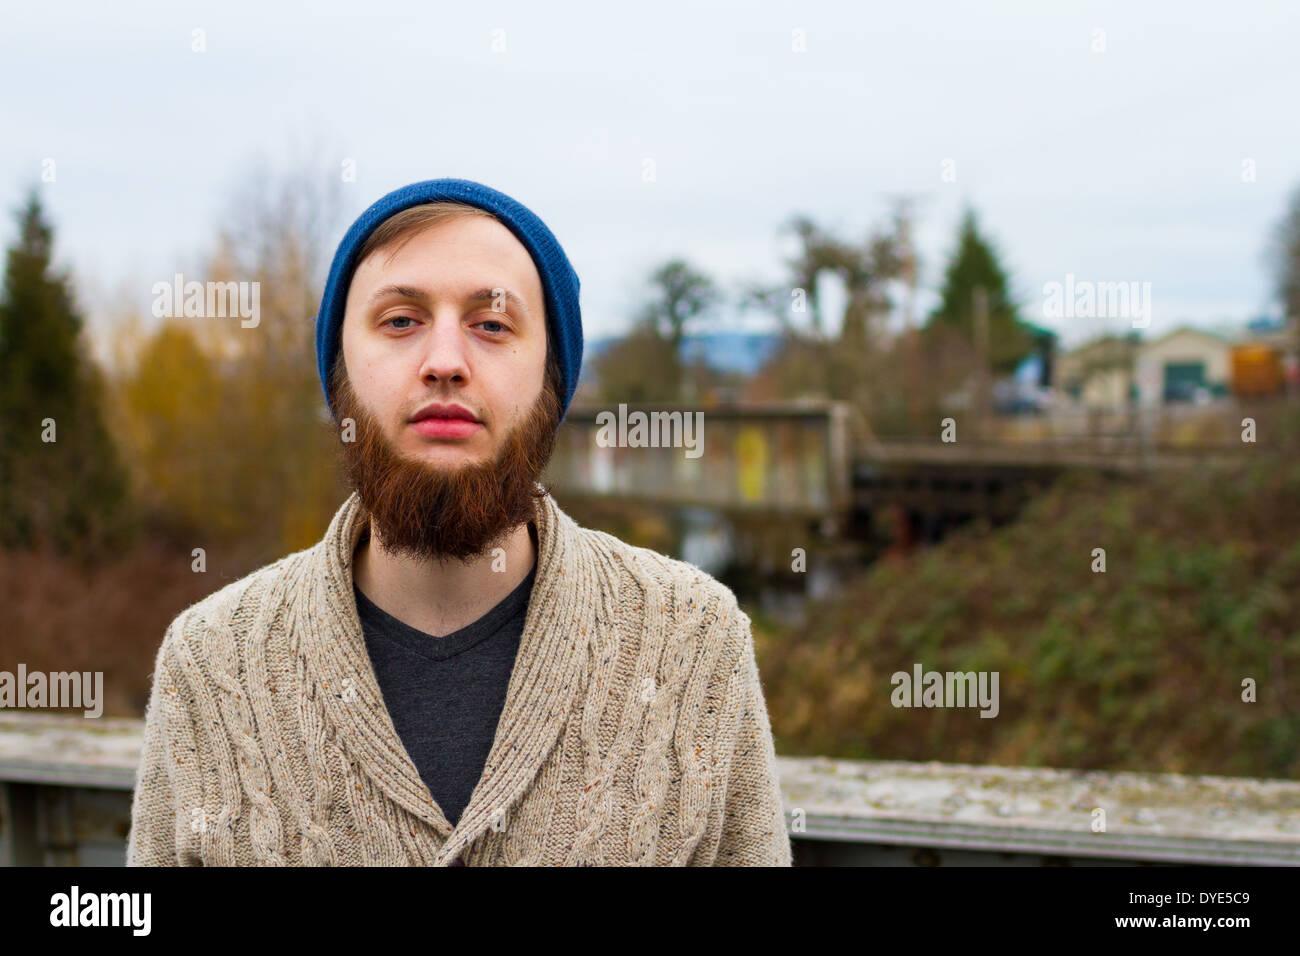 Hipster guy mostra moderna moda maschile in questo ritratto alla moda. Immagini Stock